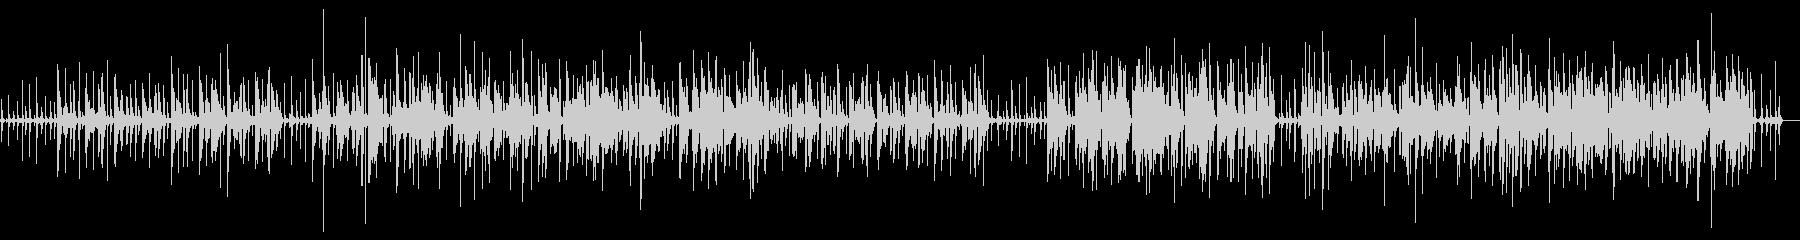 ループ系のアコースティックの未再生の波形